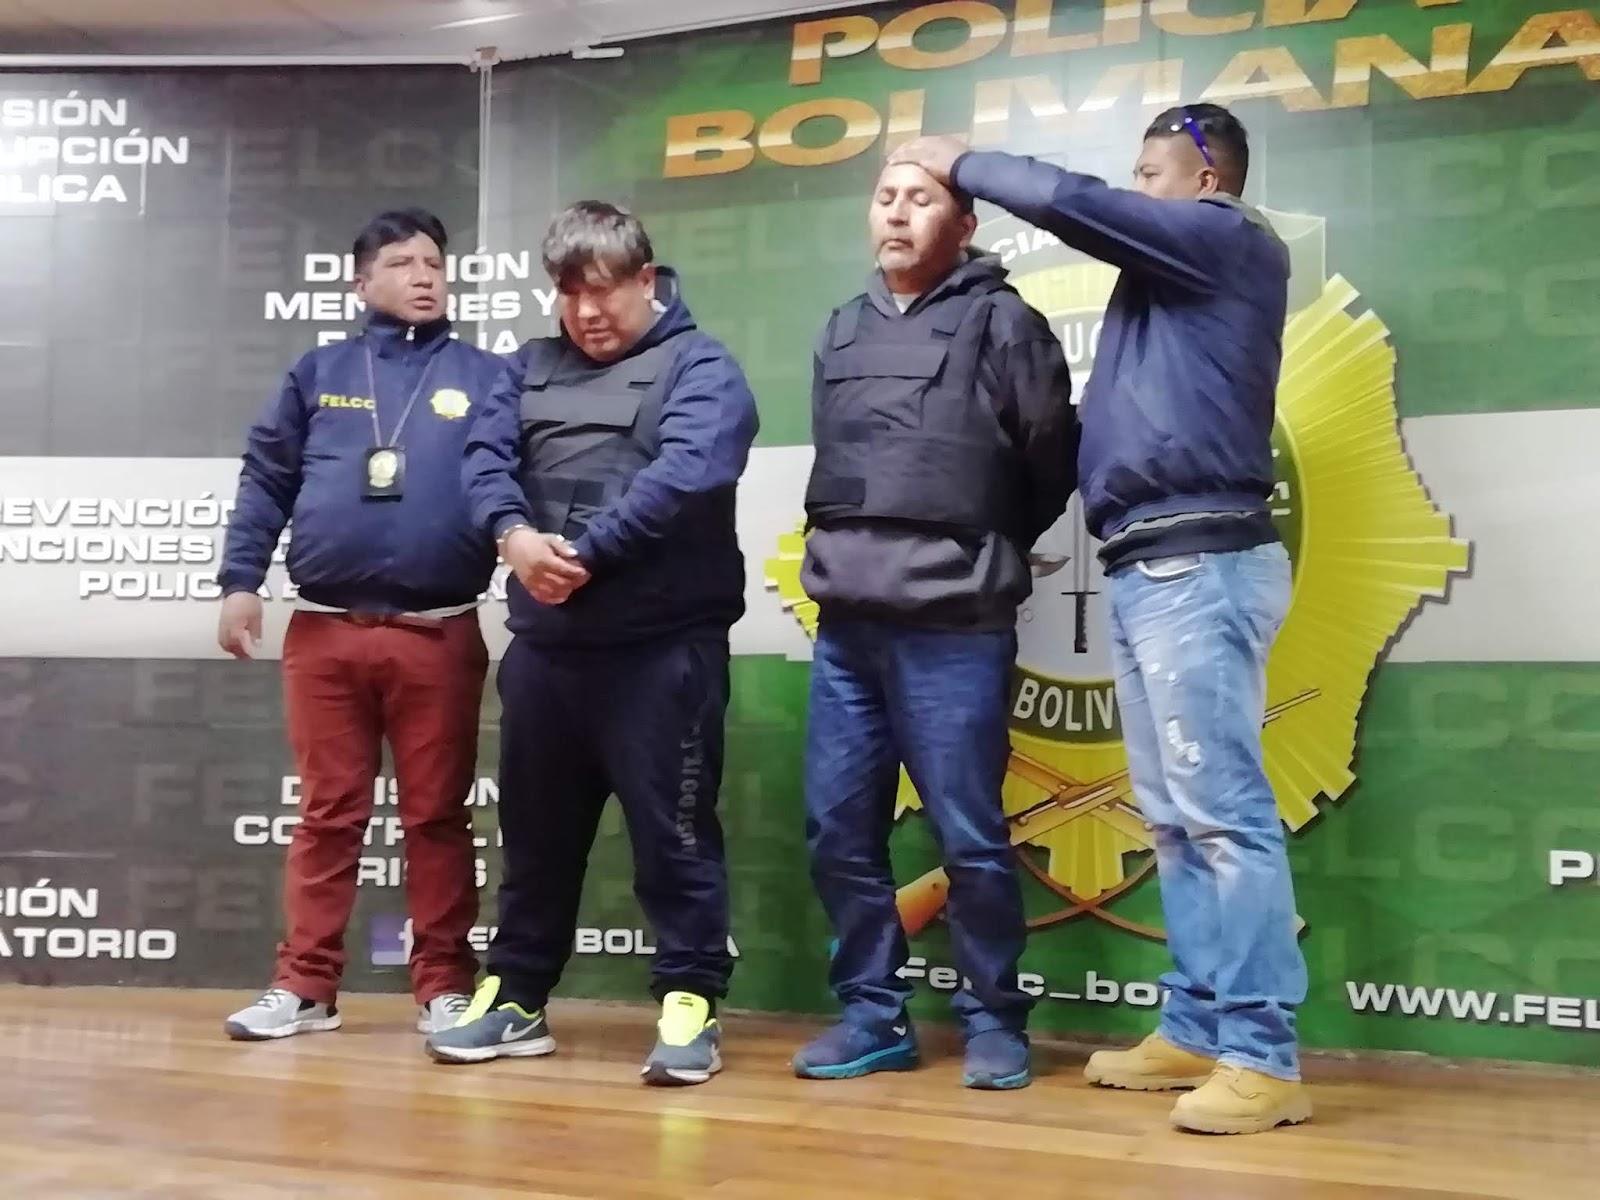 La Policía aún busca a un prófugo del clan de dos bolivianos y un peruano / FELCC